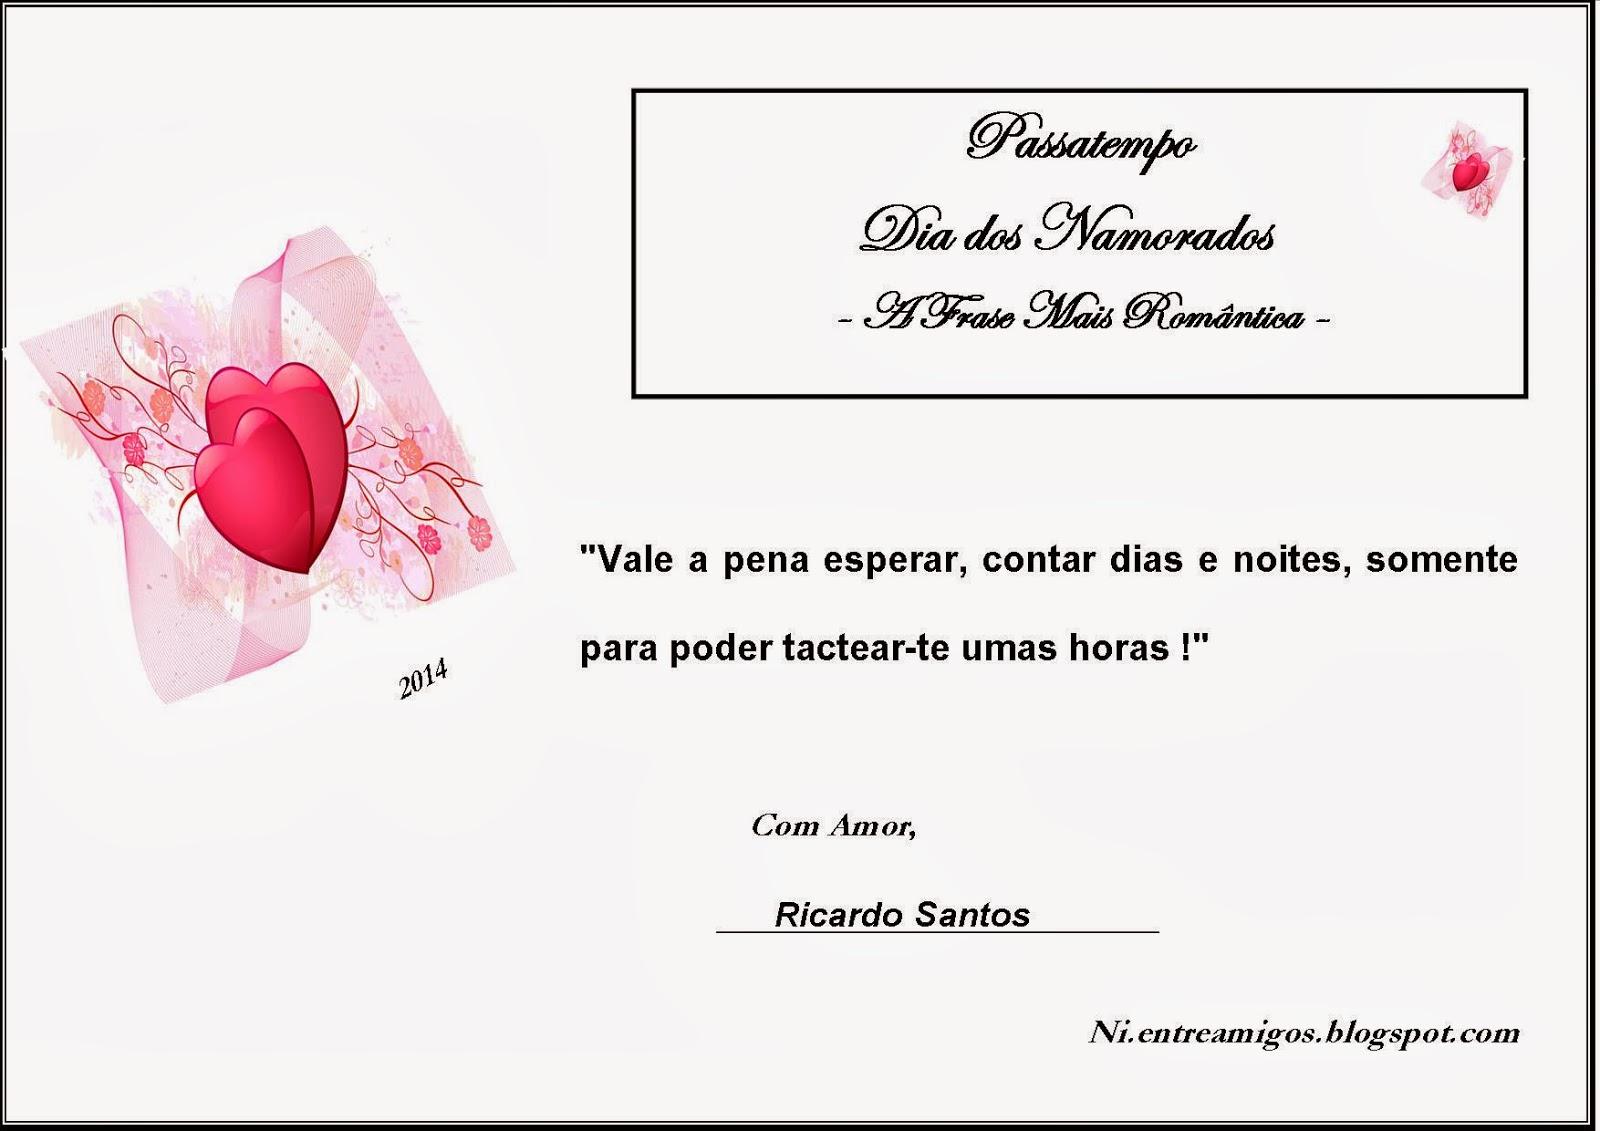 C10A37 Frases De Amor A Distancia Em Portugues Car Interior Design Melhor Design A Distancia